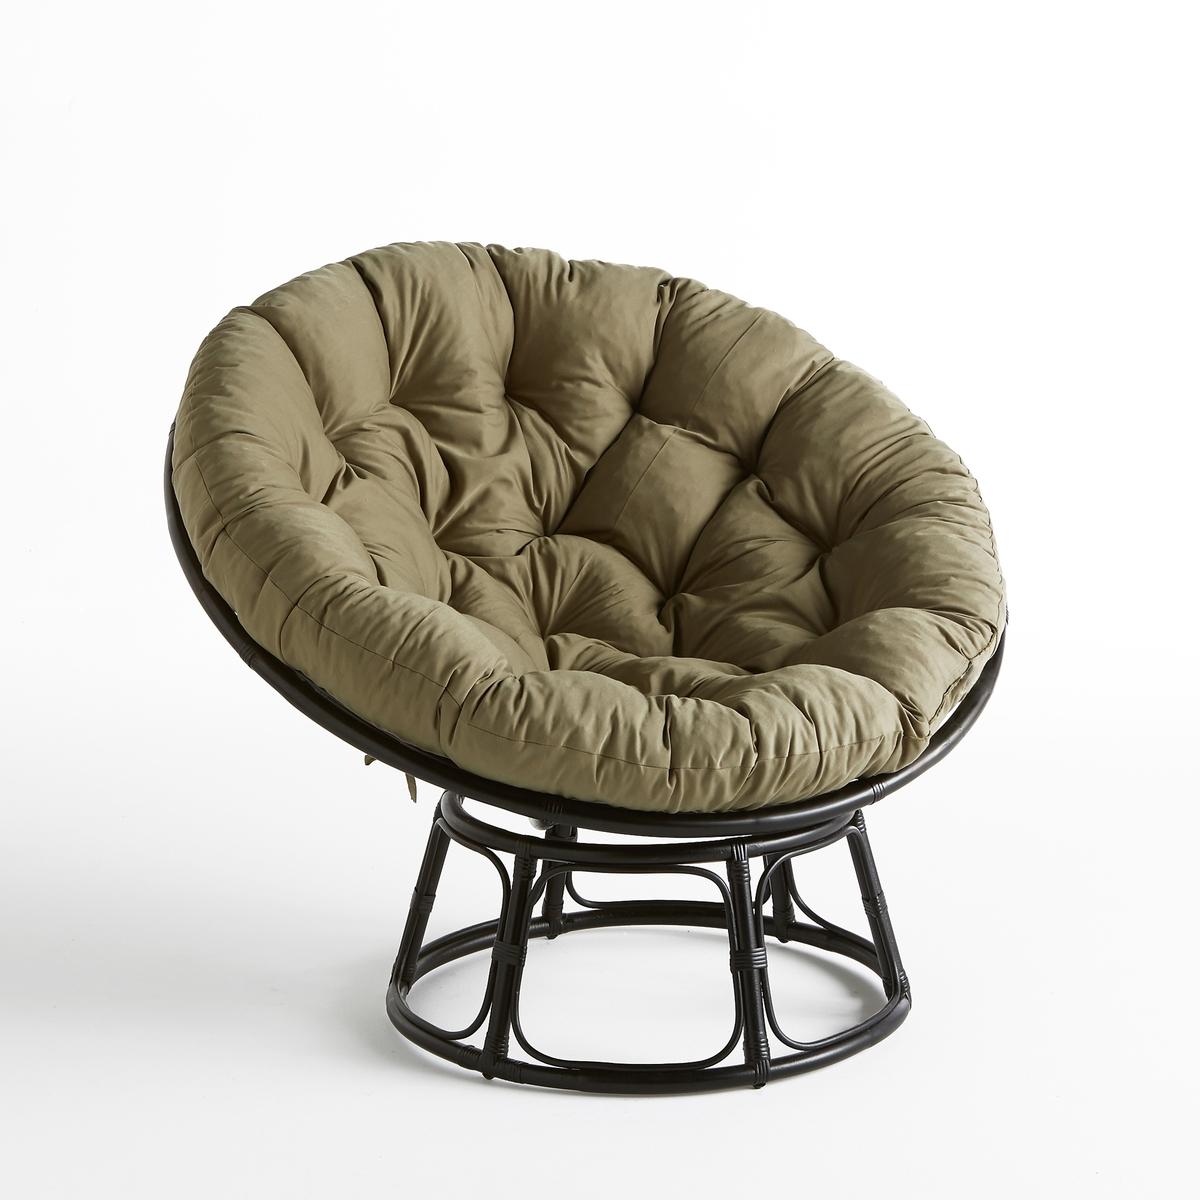 Кресло папасан из ротанга AraniasКресло папасан Aranias. Удобное и уютное кресло в традиционном колониальном стиле идеально для минут отдыха. Сиденье на цоколе позволяет варьировать угол посадки и находиться в нем сидя или полулежа.Характеристики : - Каркас сиденья и цоколь из ротанга- Подушка в съемном чехле из 100% полиэстера, наполнитель из пенопластовых шариков, завязки для крепления к каркасу. Размеры  : 47 см : ?115 см- Основание : ?70 см в самом широком месте- Высота сиденья: 60 смРазмеры и вес упаковки :- Ш116 x В34 x Г116 см, 4,5 кг, Ш71 x В31 x Г71 см, 2,2 кг и Ш131 x В10 x Г131 см, 6,67 кг :Доставка по предварительному согласованию, возможен подъём на этаж ! ! .<br><br>Цвет: хаки/черный<br>Размер: 1 места